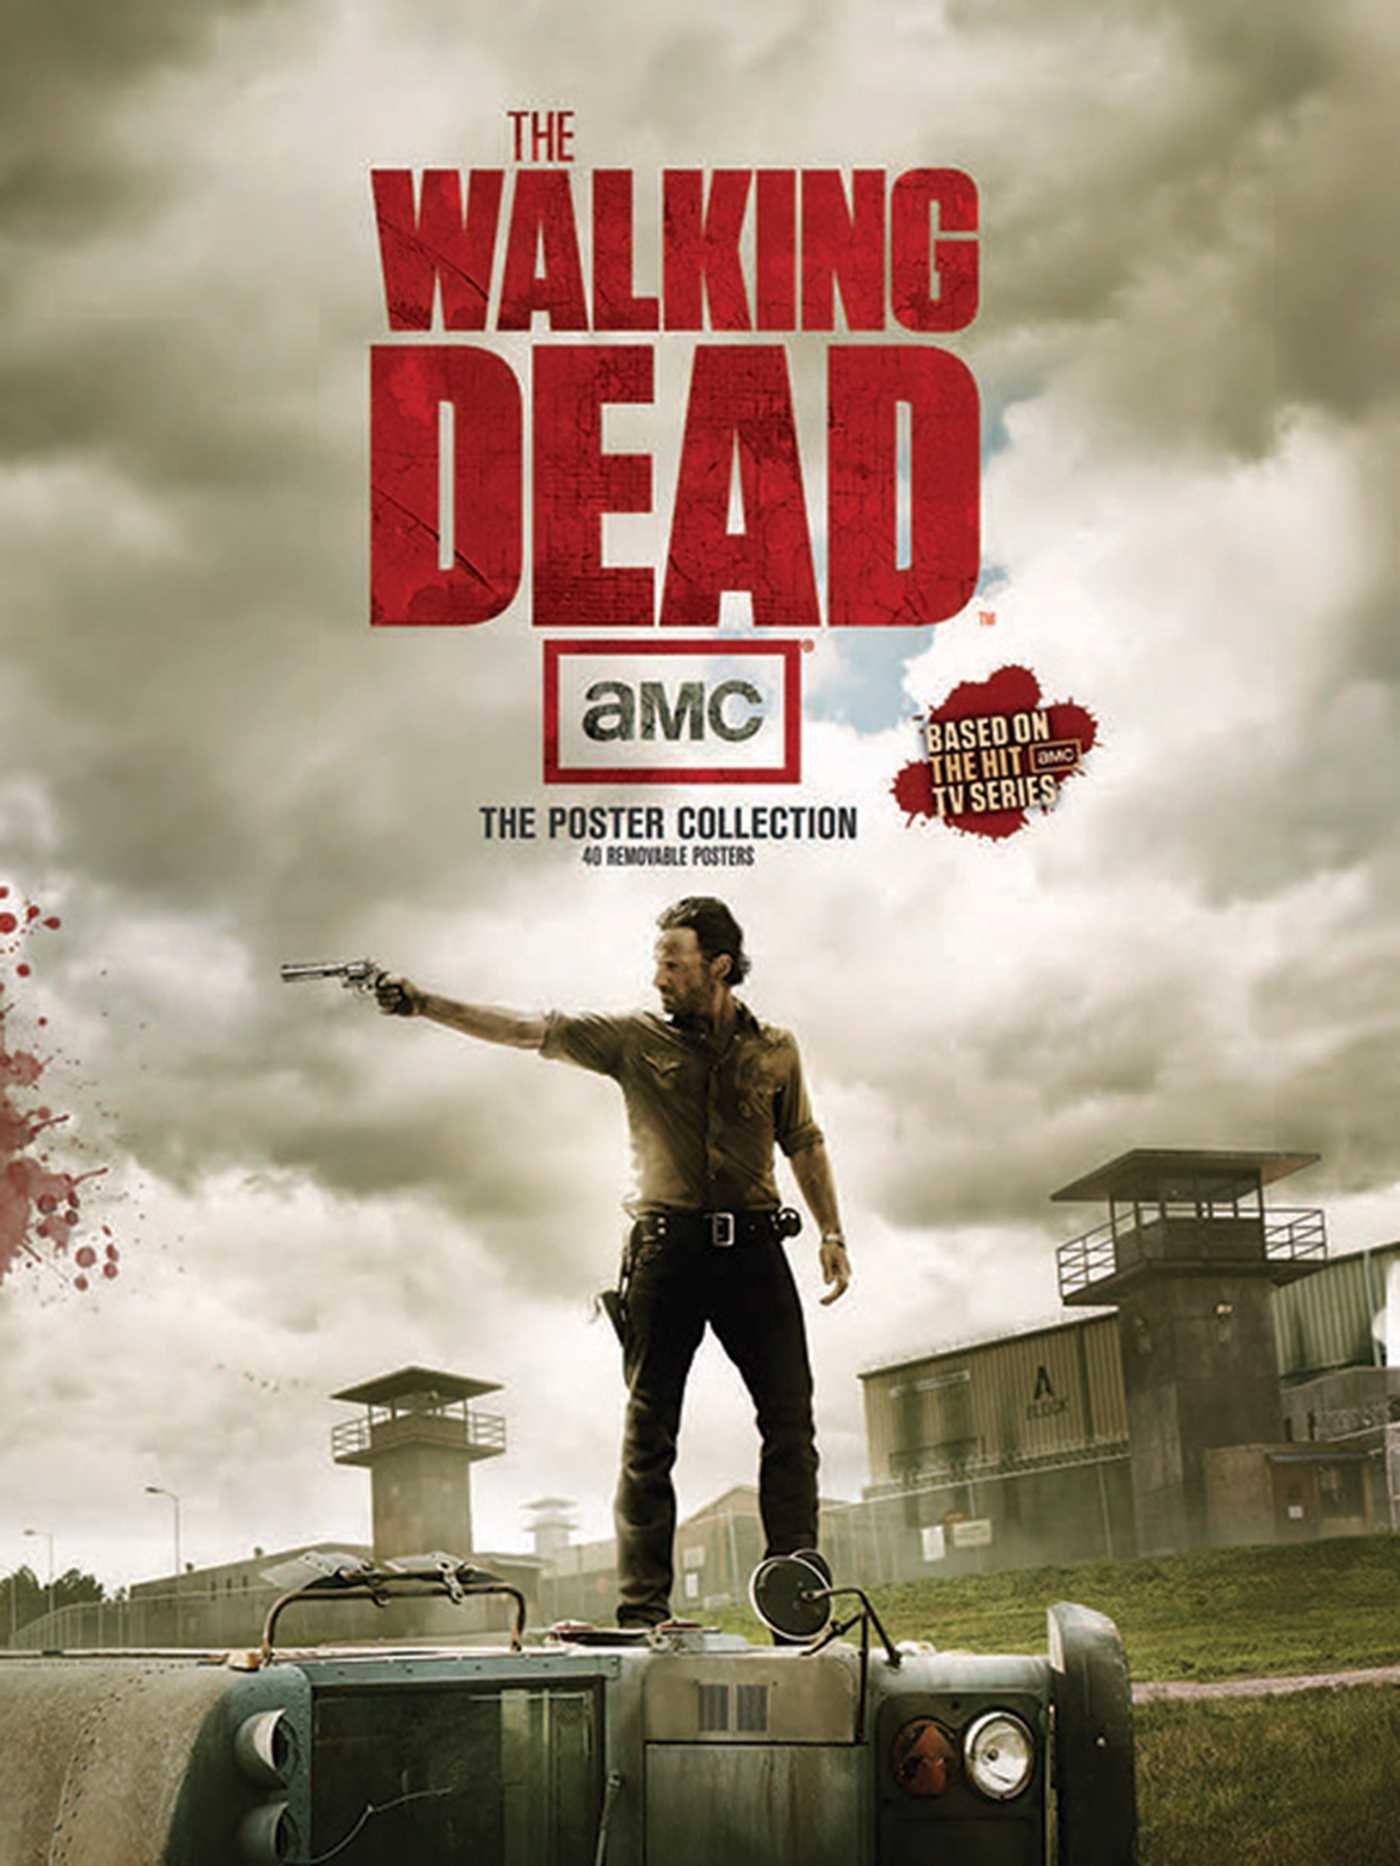 دانلود سریال The Walking Dead - واکینگ دد ( مردگان متحرک )